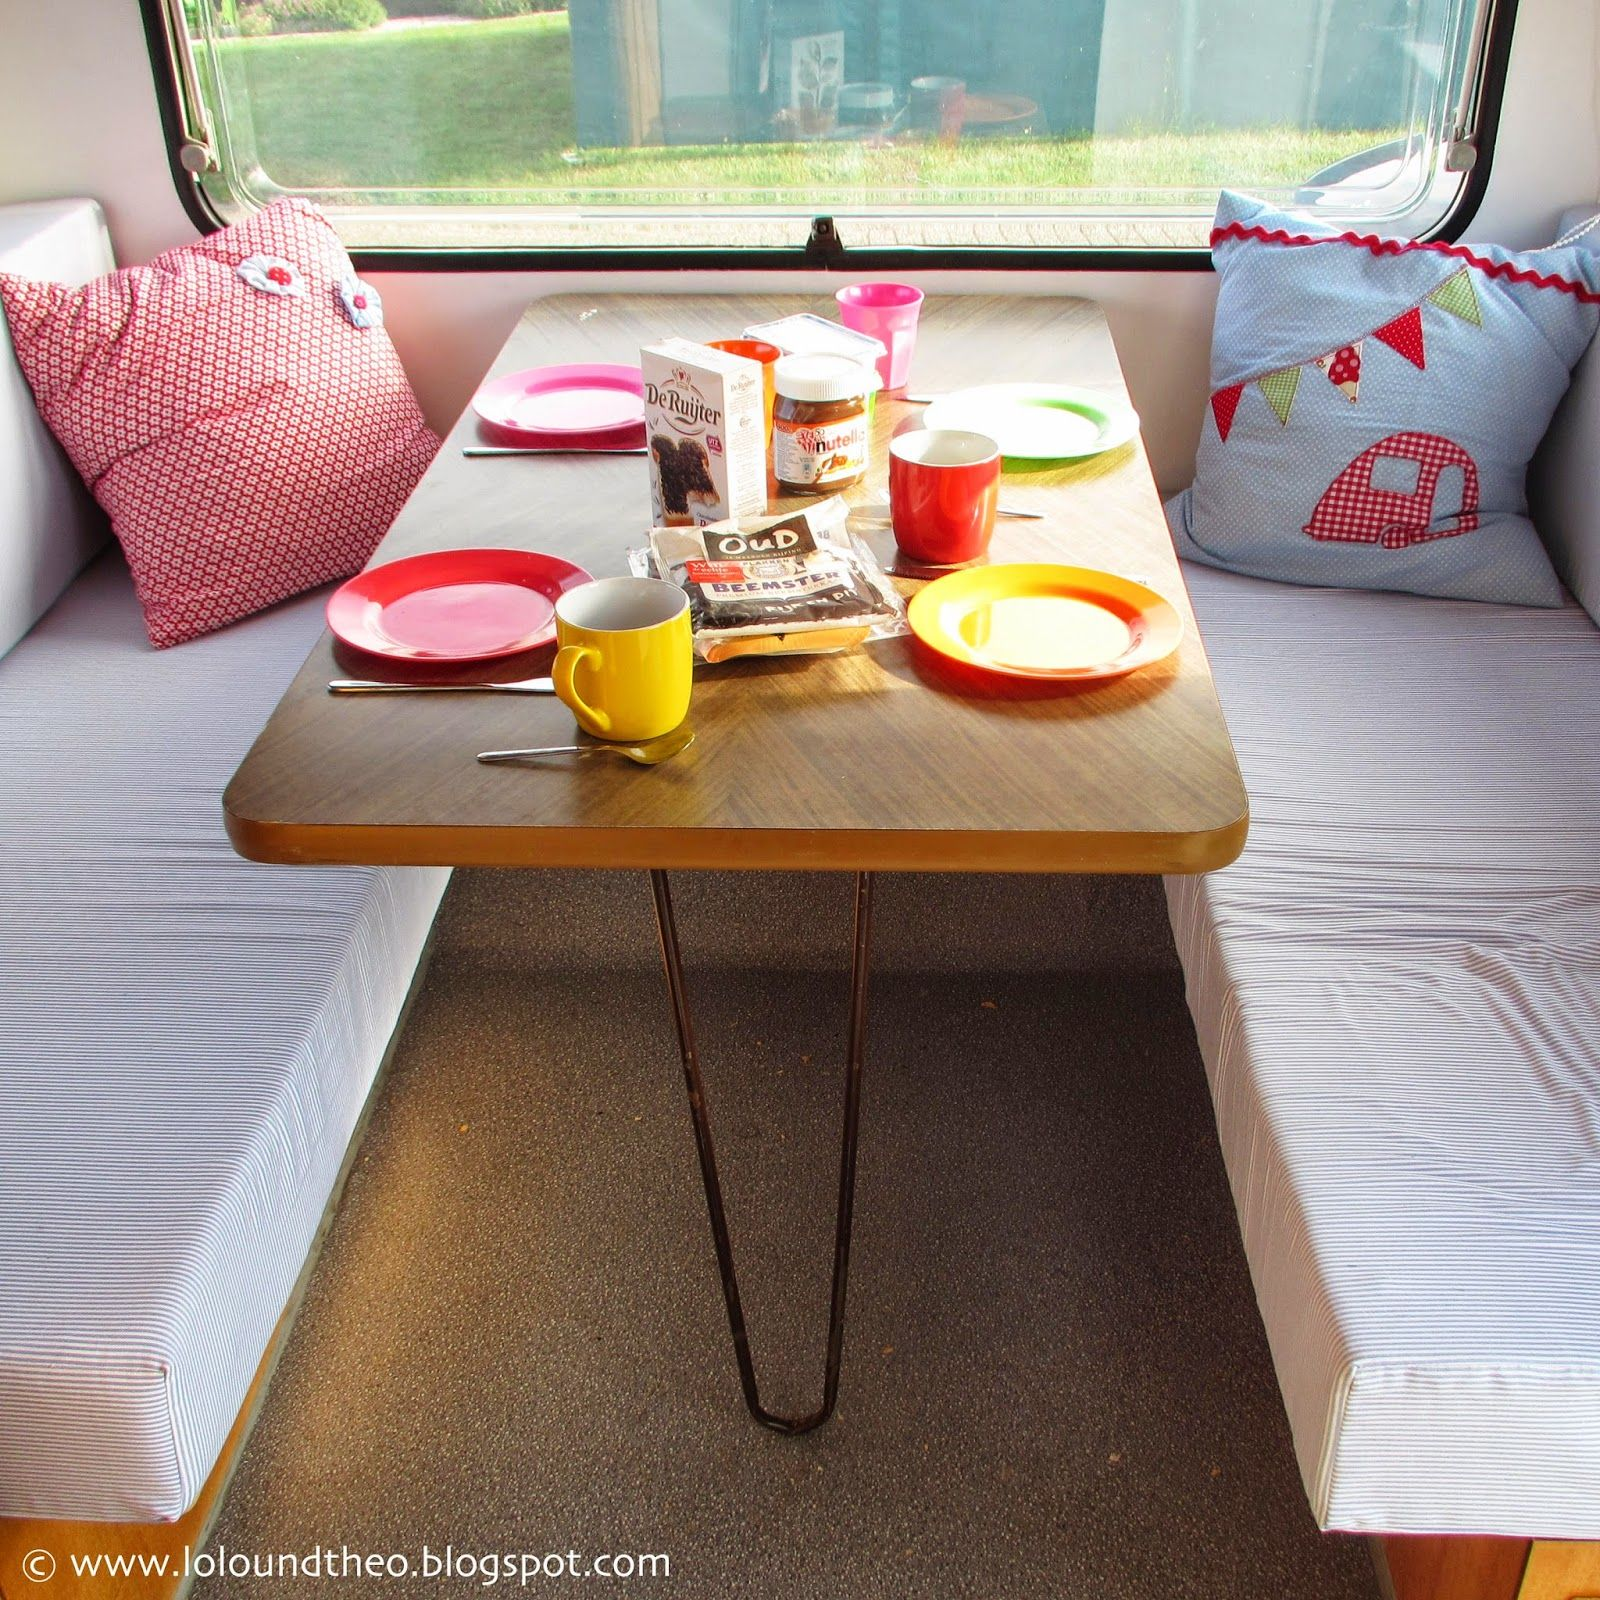 wohnwagen knaus passat 1978 umbau renovierung makeover voher nachher before after www. Black Bedroom Furniture Sets. Home Design Ideas